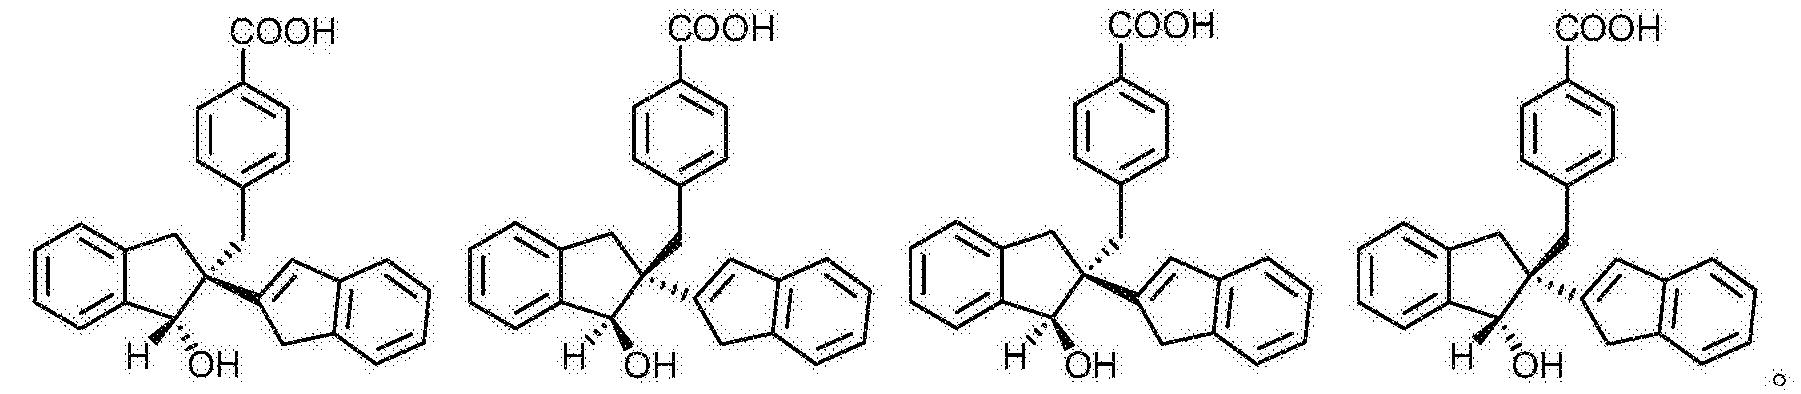 Figure CN103764608BC00021